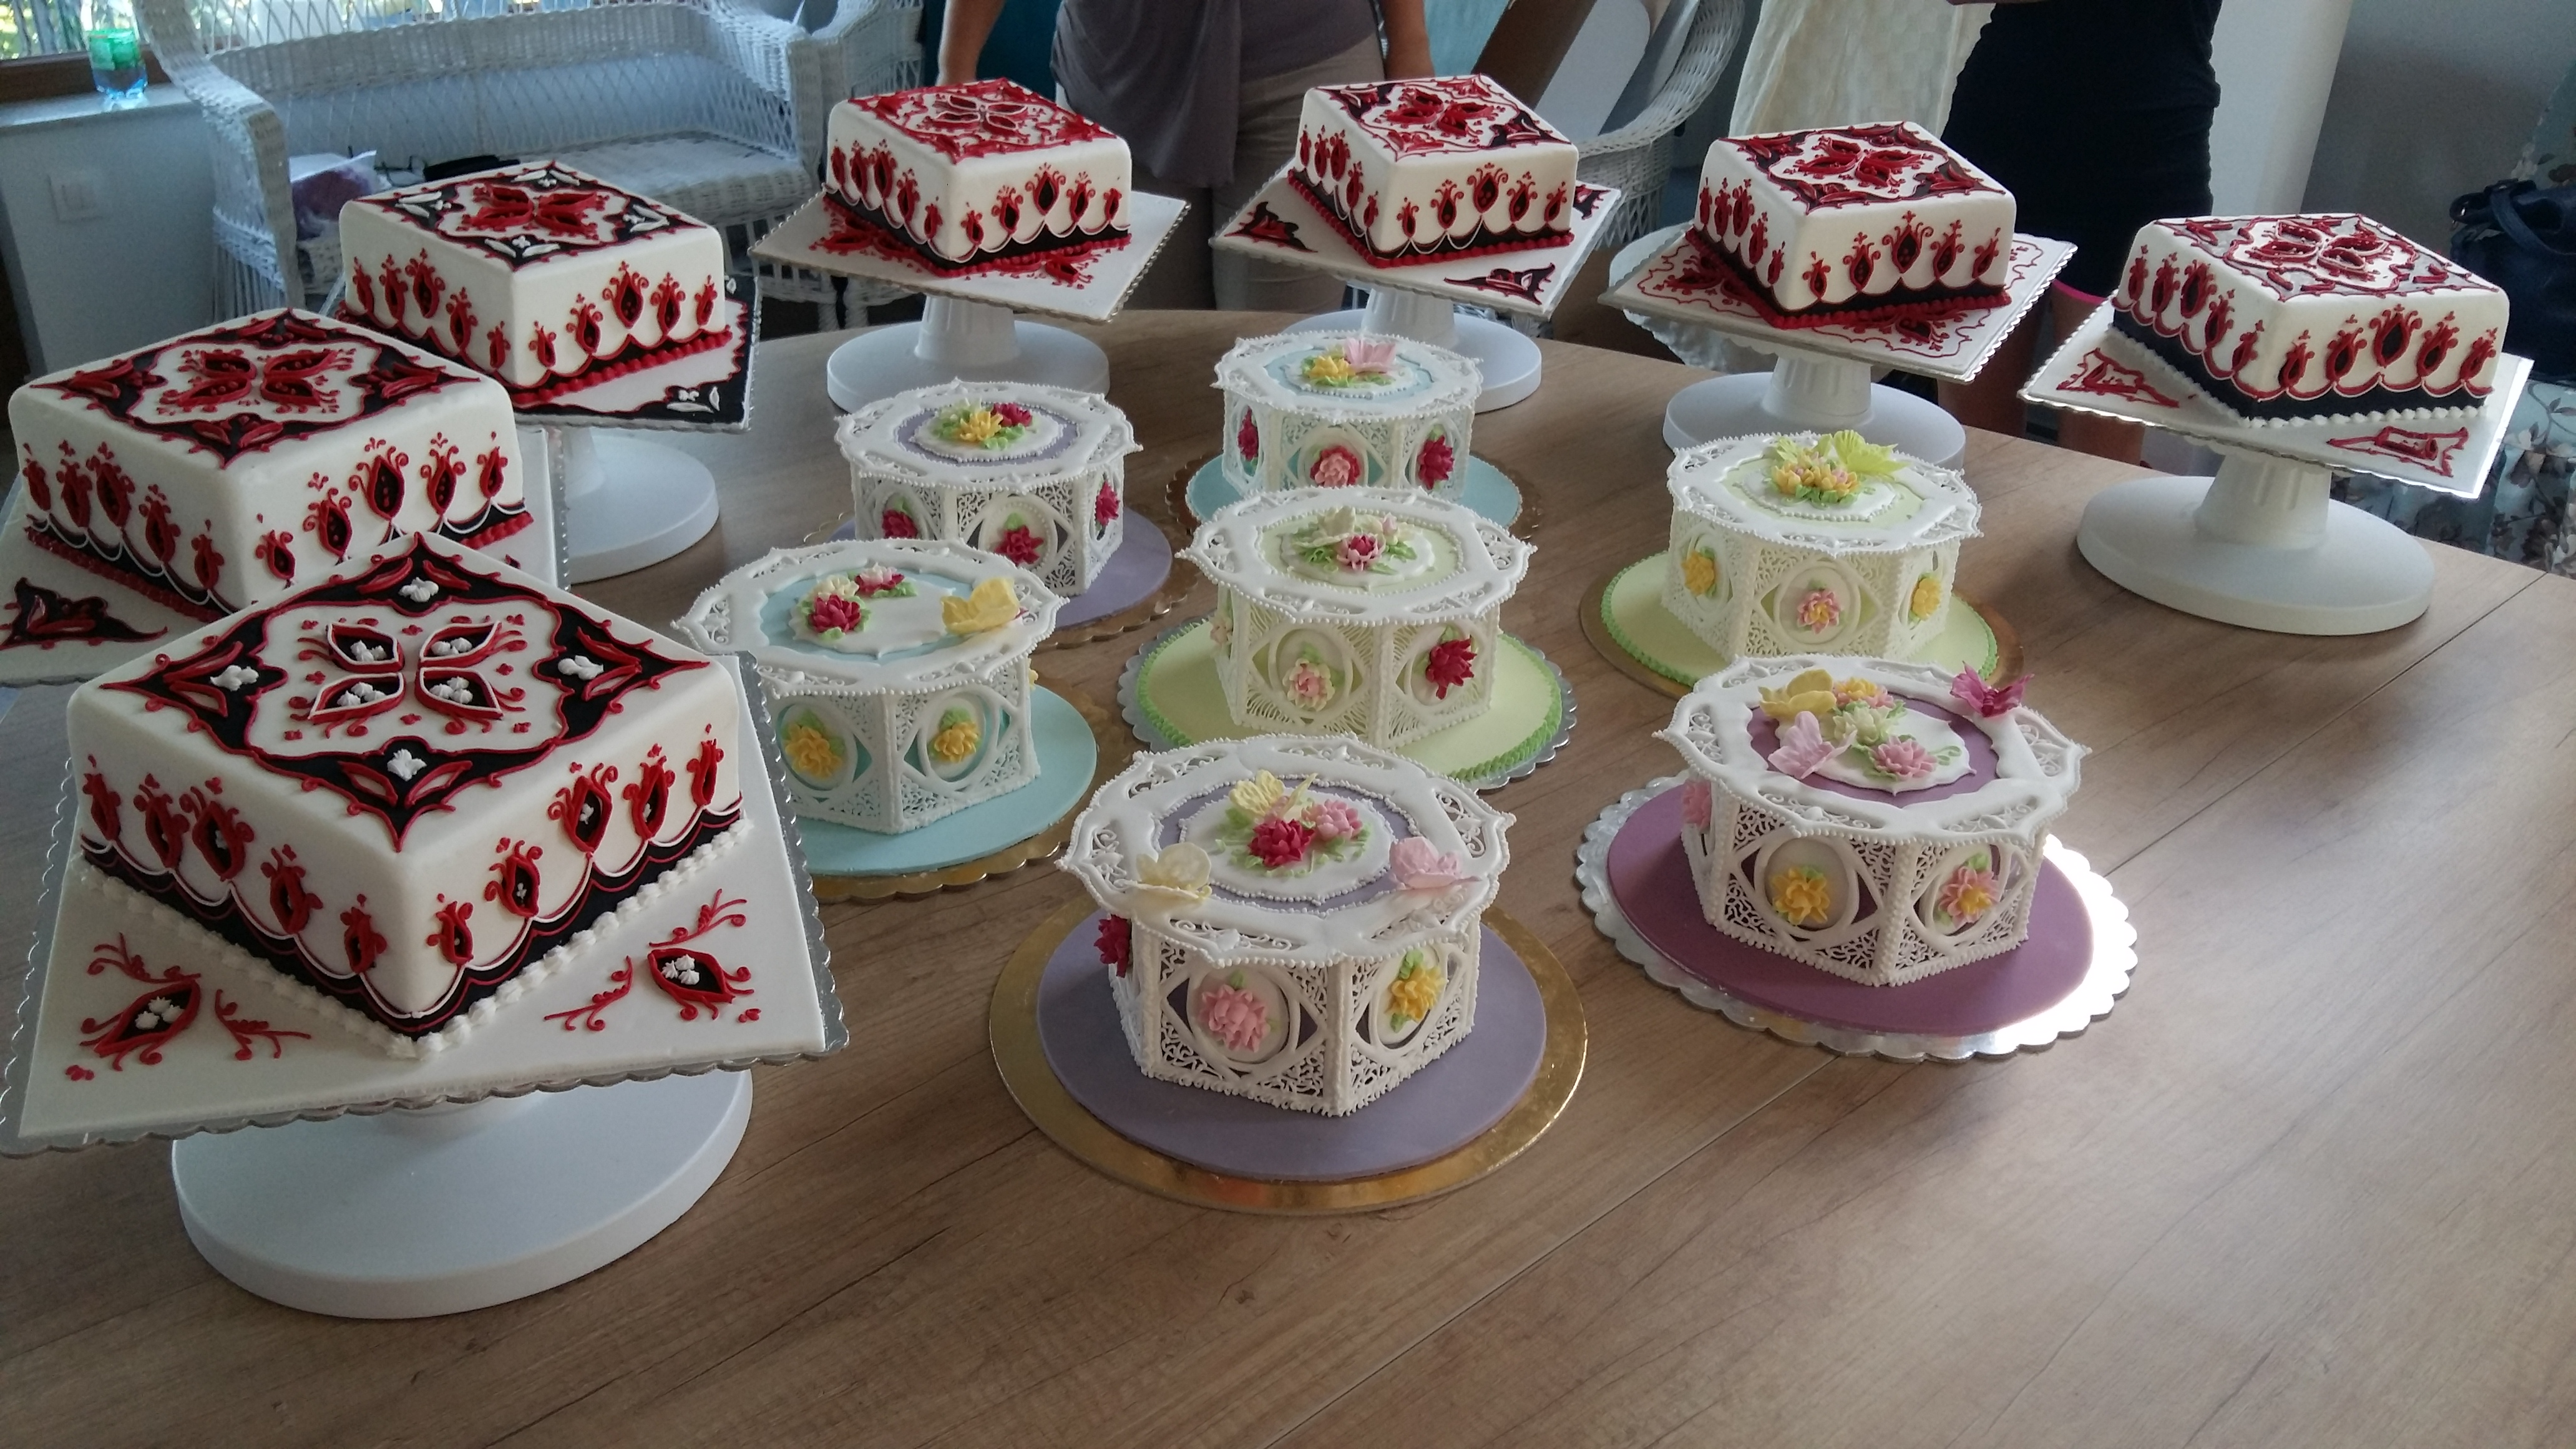 Milyen egy glazúrozó tortadíszítő tanfolyam?